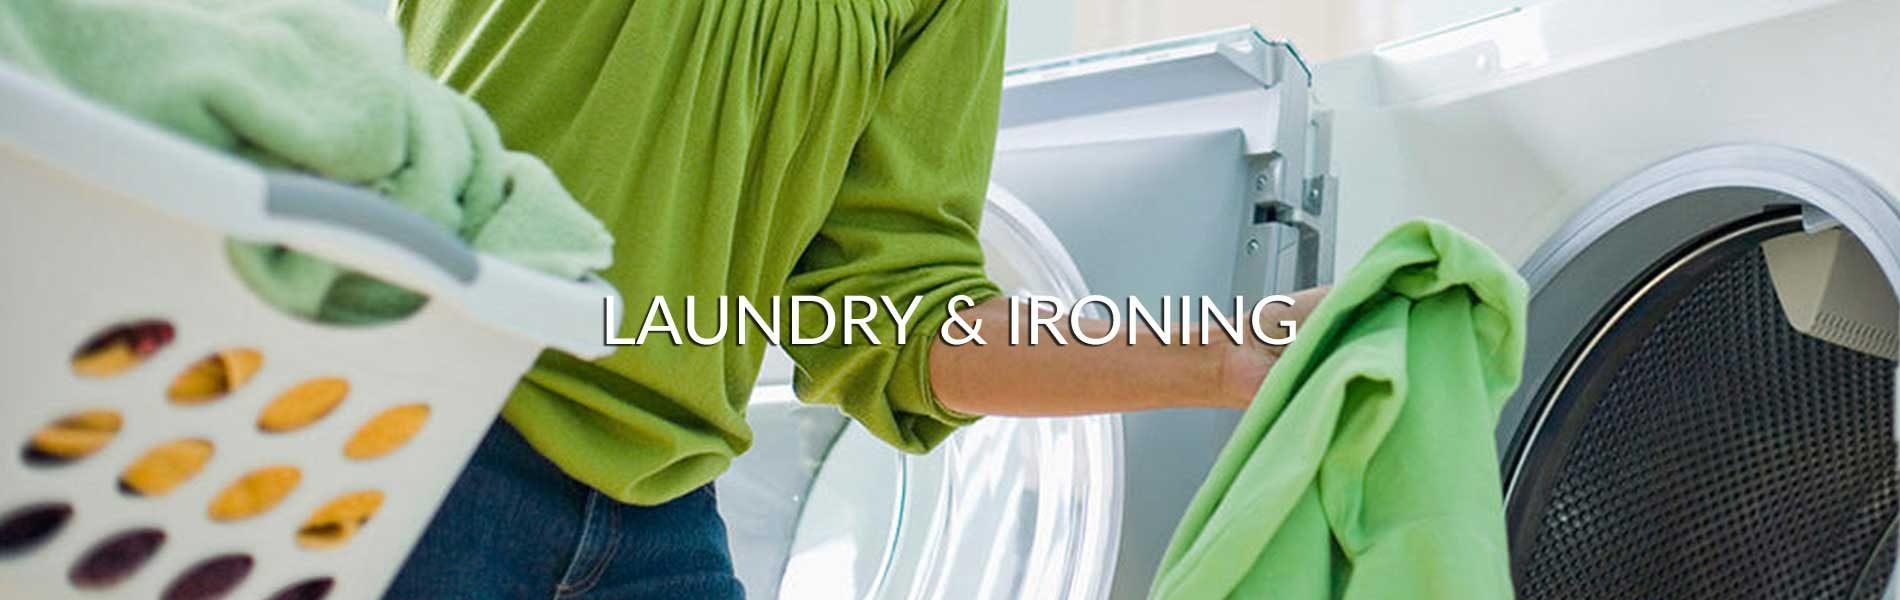 Laundry-Ironing-Services-Slider-Image